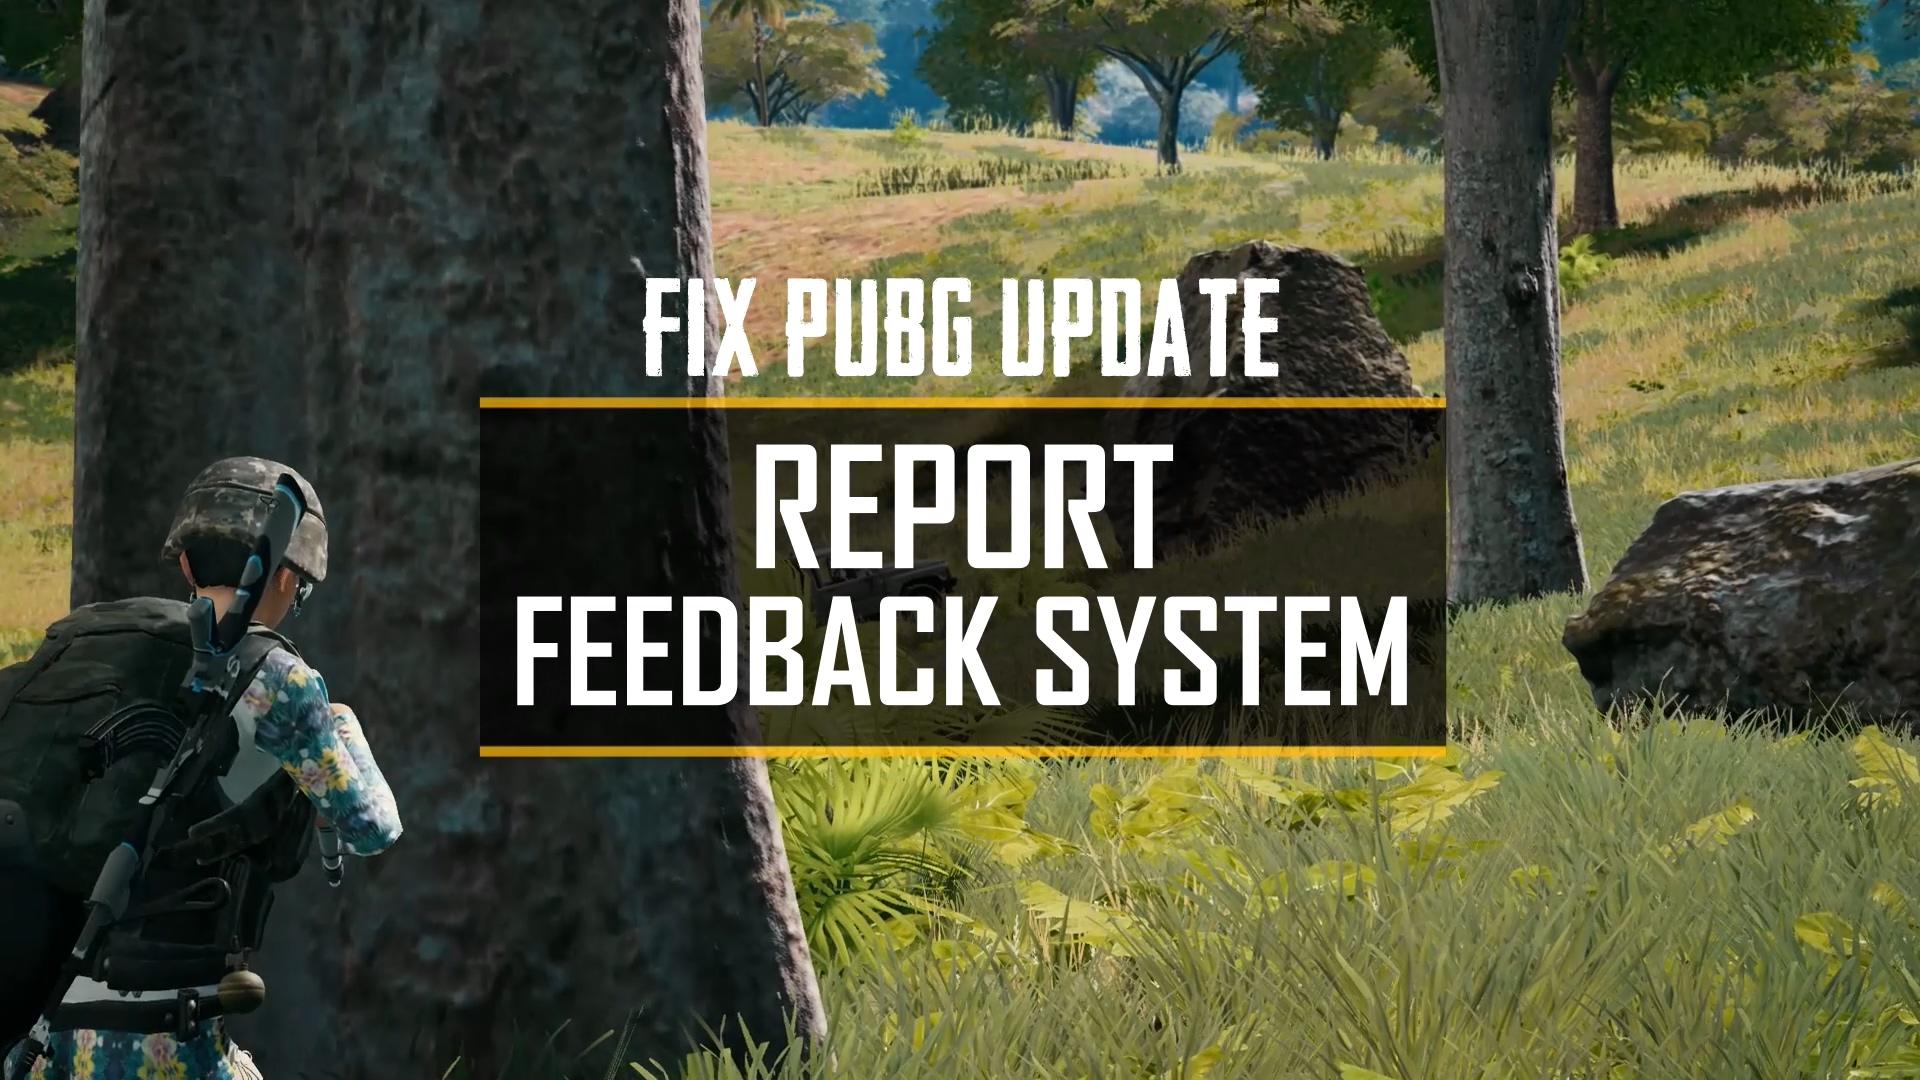 《絕地求生》'Fix PUBG'持續更新, 遊戲內即時反饋,全民抓外掛!